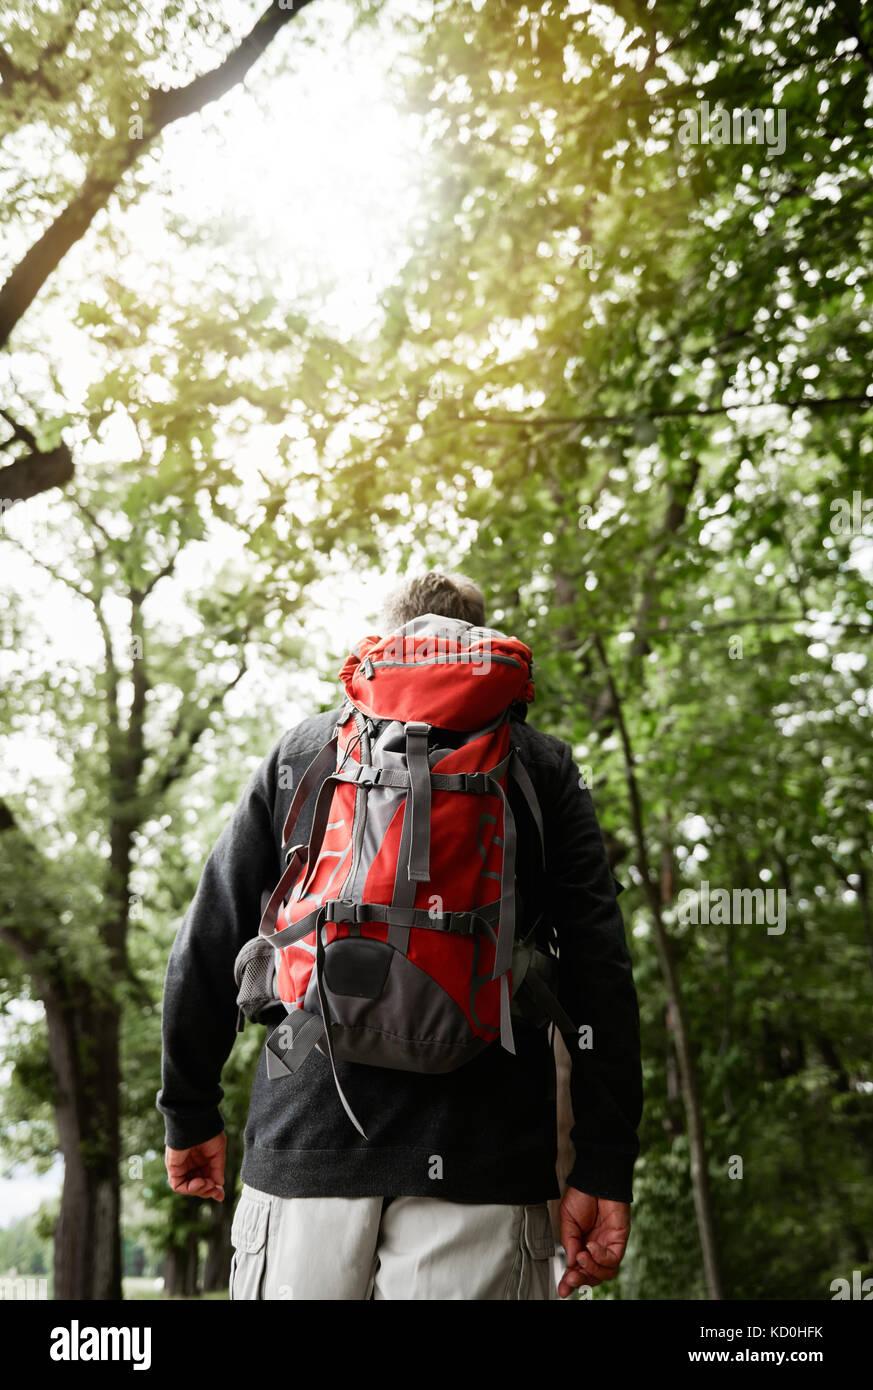 Hauts homme marchant dans la forêt, transportant un sac à dos, vue arrière Photo Stock